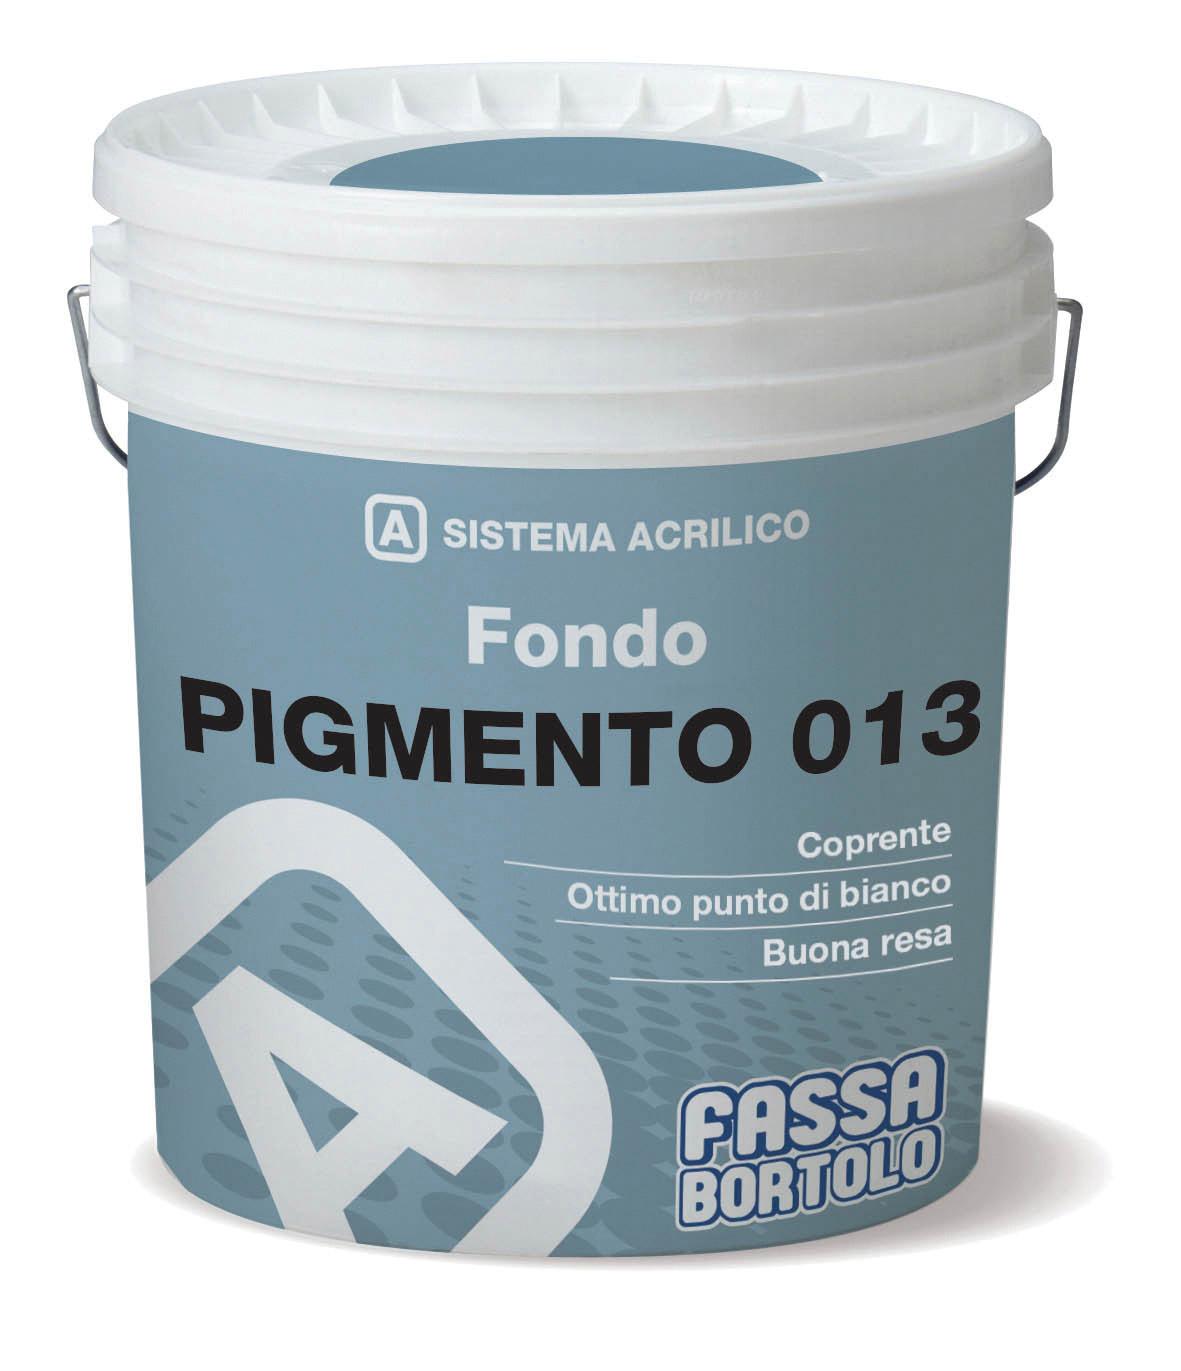 PIGMENTO 013: Fondo pigmentato per interni